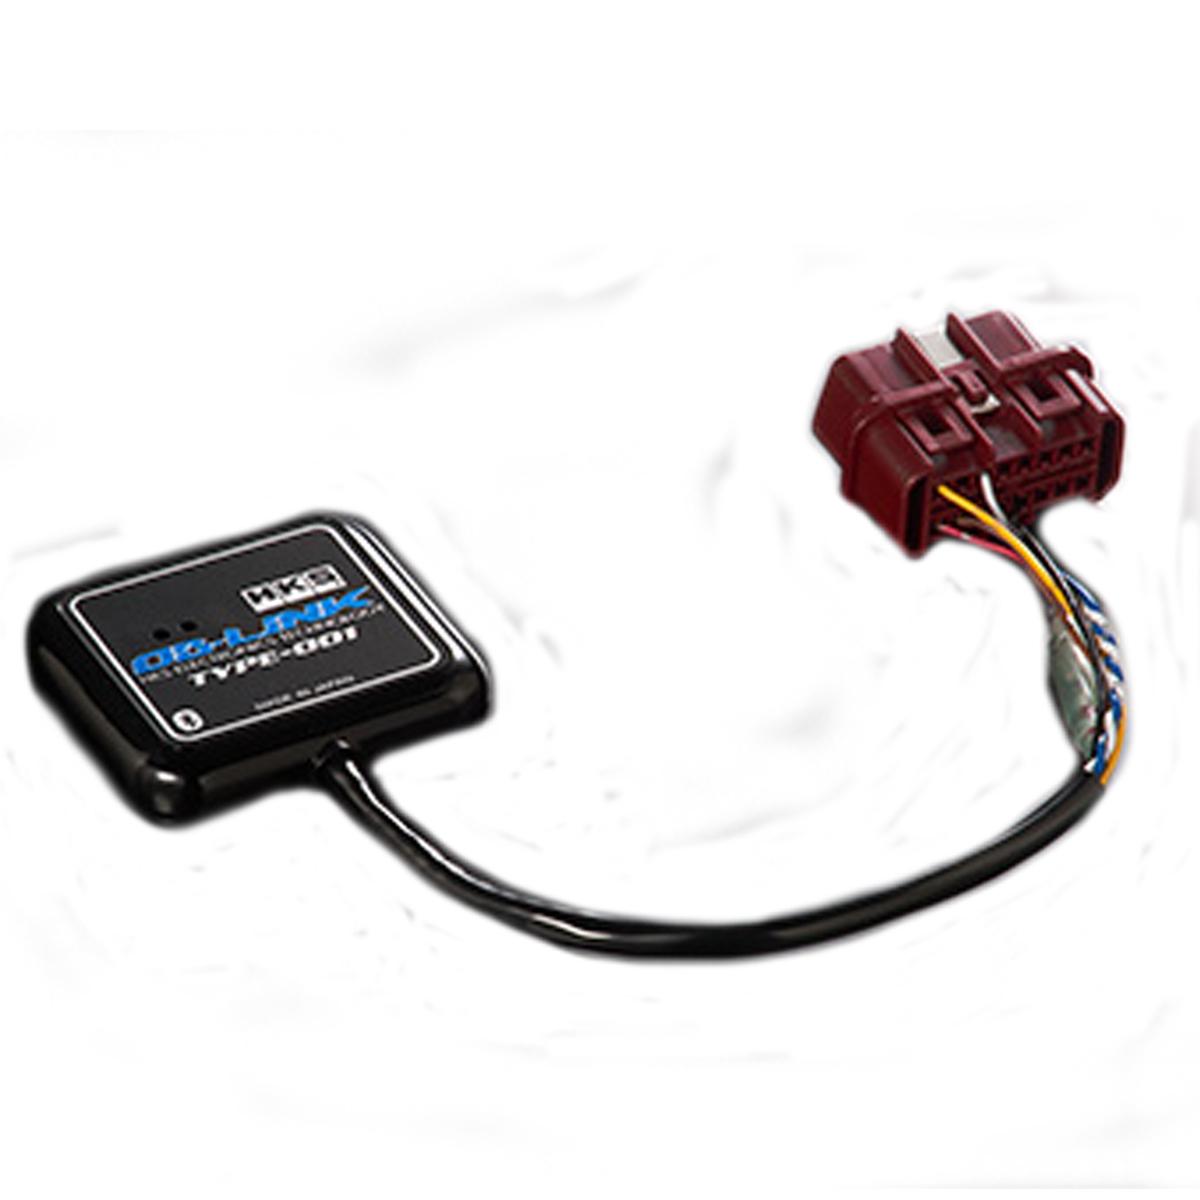 インプレッサ モニター OBリンク タイプ 001 GVF HKS 44009-AK002 エレクトリニクス